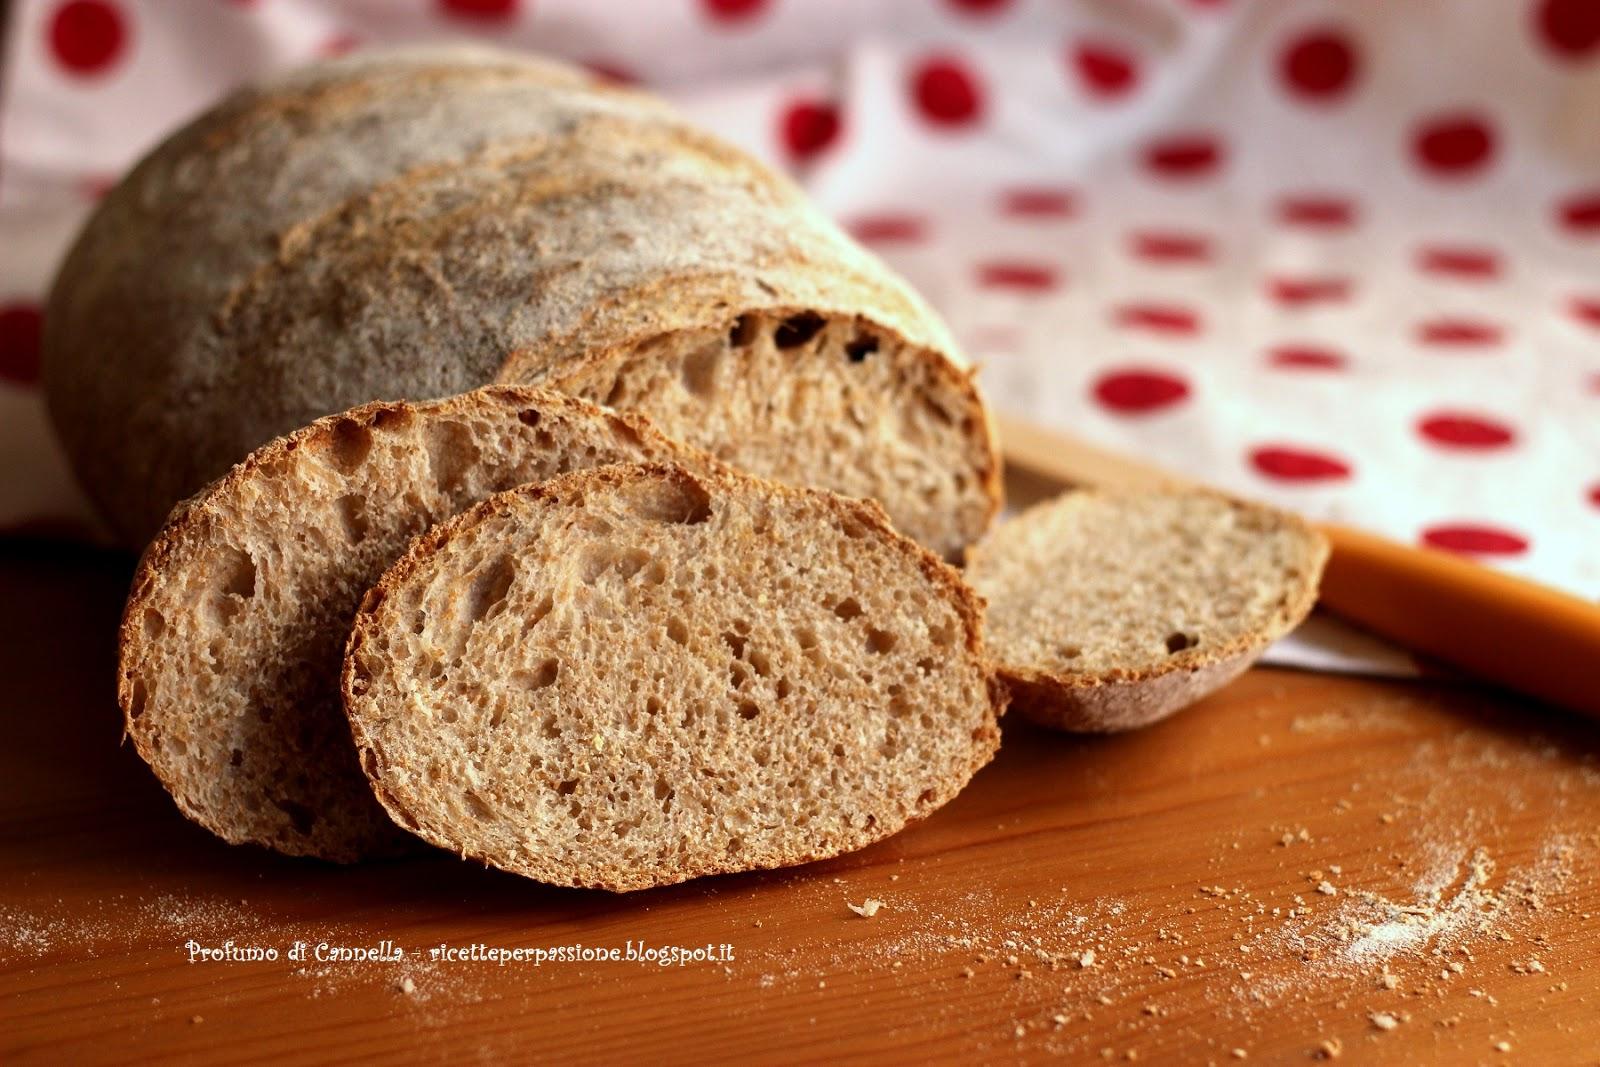 pane semi integrale - si fa presto a dire pane!